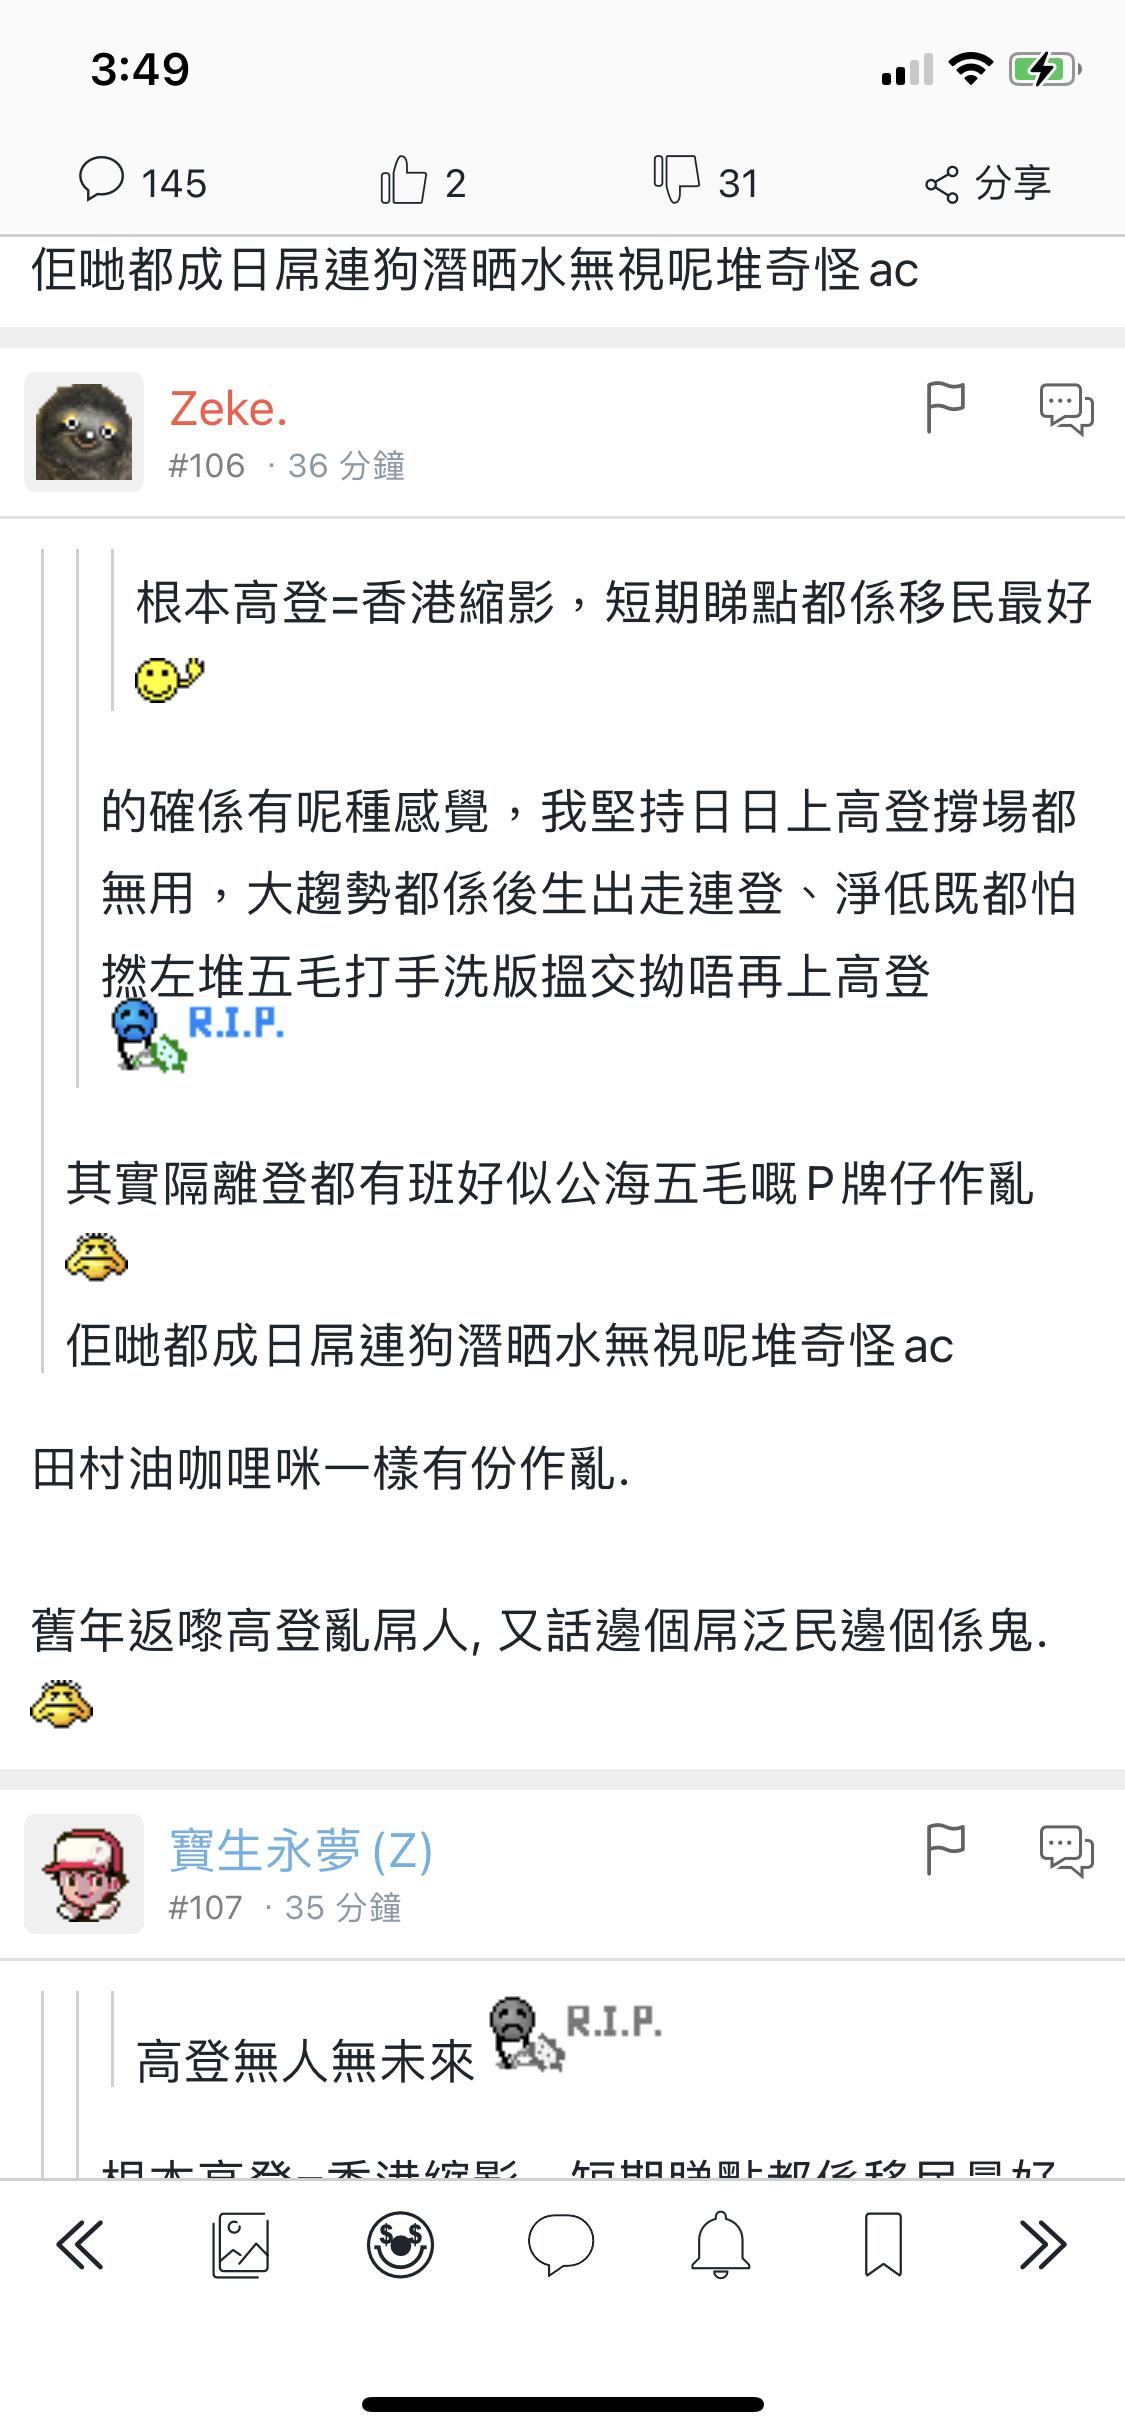 https://upload.hkgolden.media/comment/hh0b4k13.tdoumudigqu.hx3hshl3hsn.2an.png